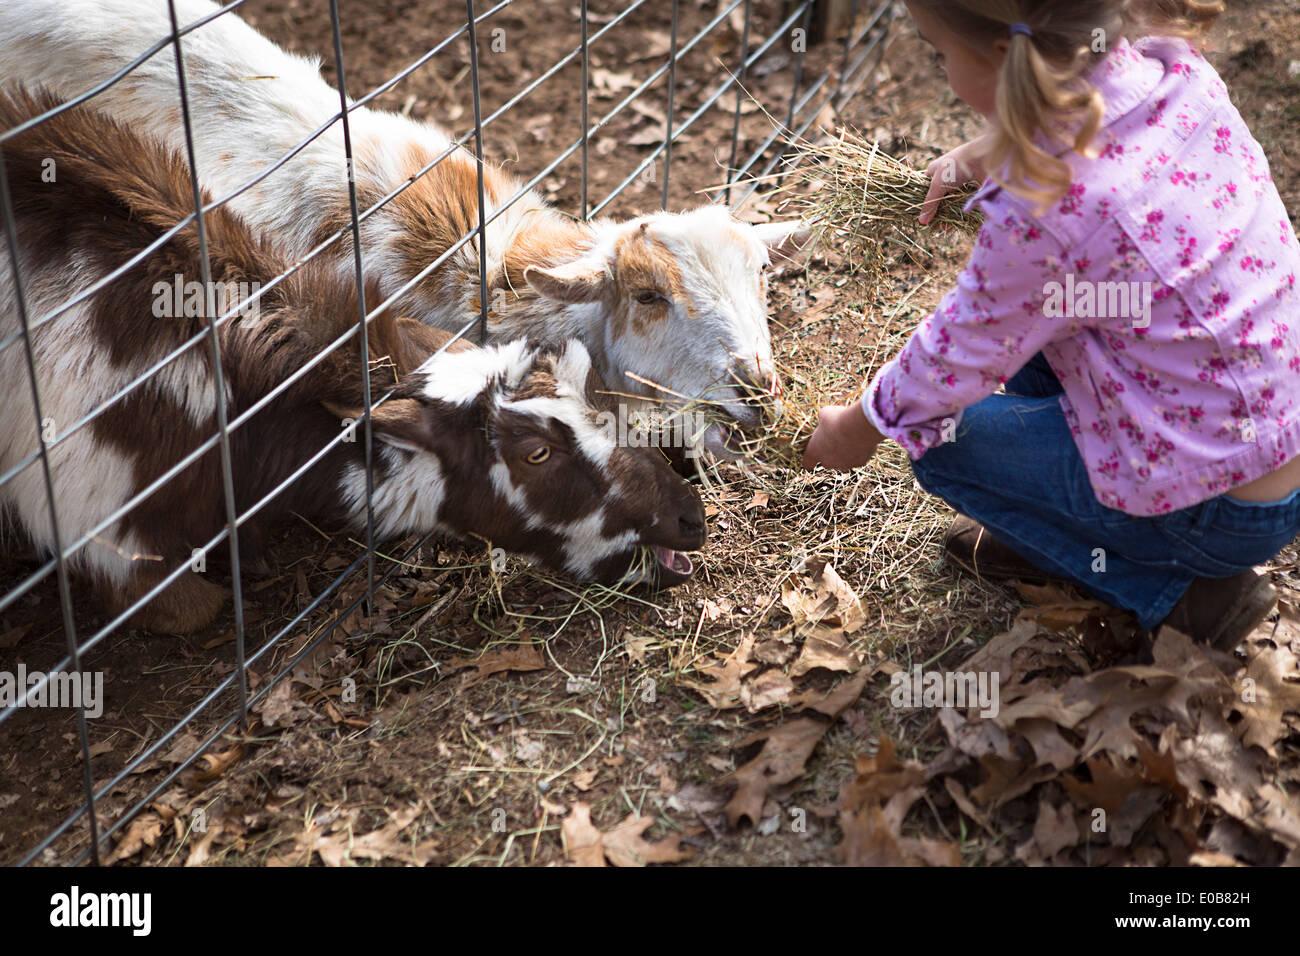 Junges Mädchen füttern Ziegen unter Zaun Stockbild